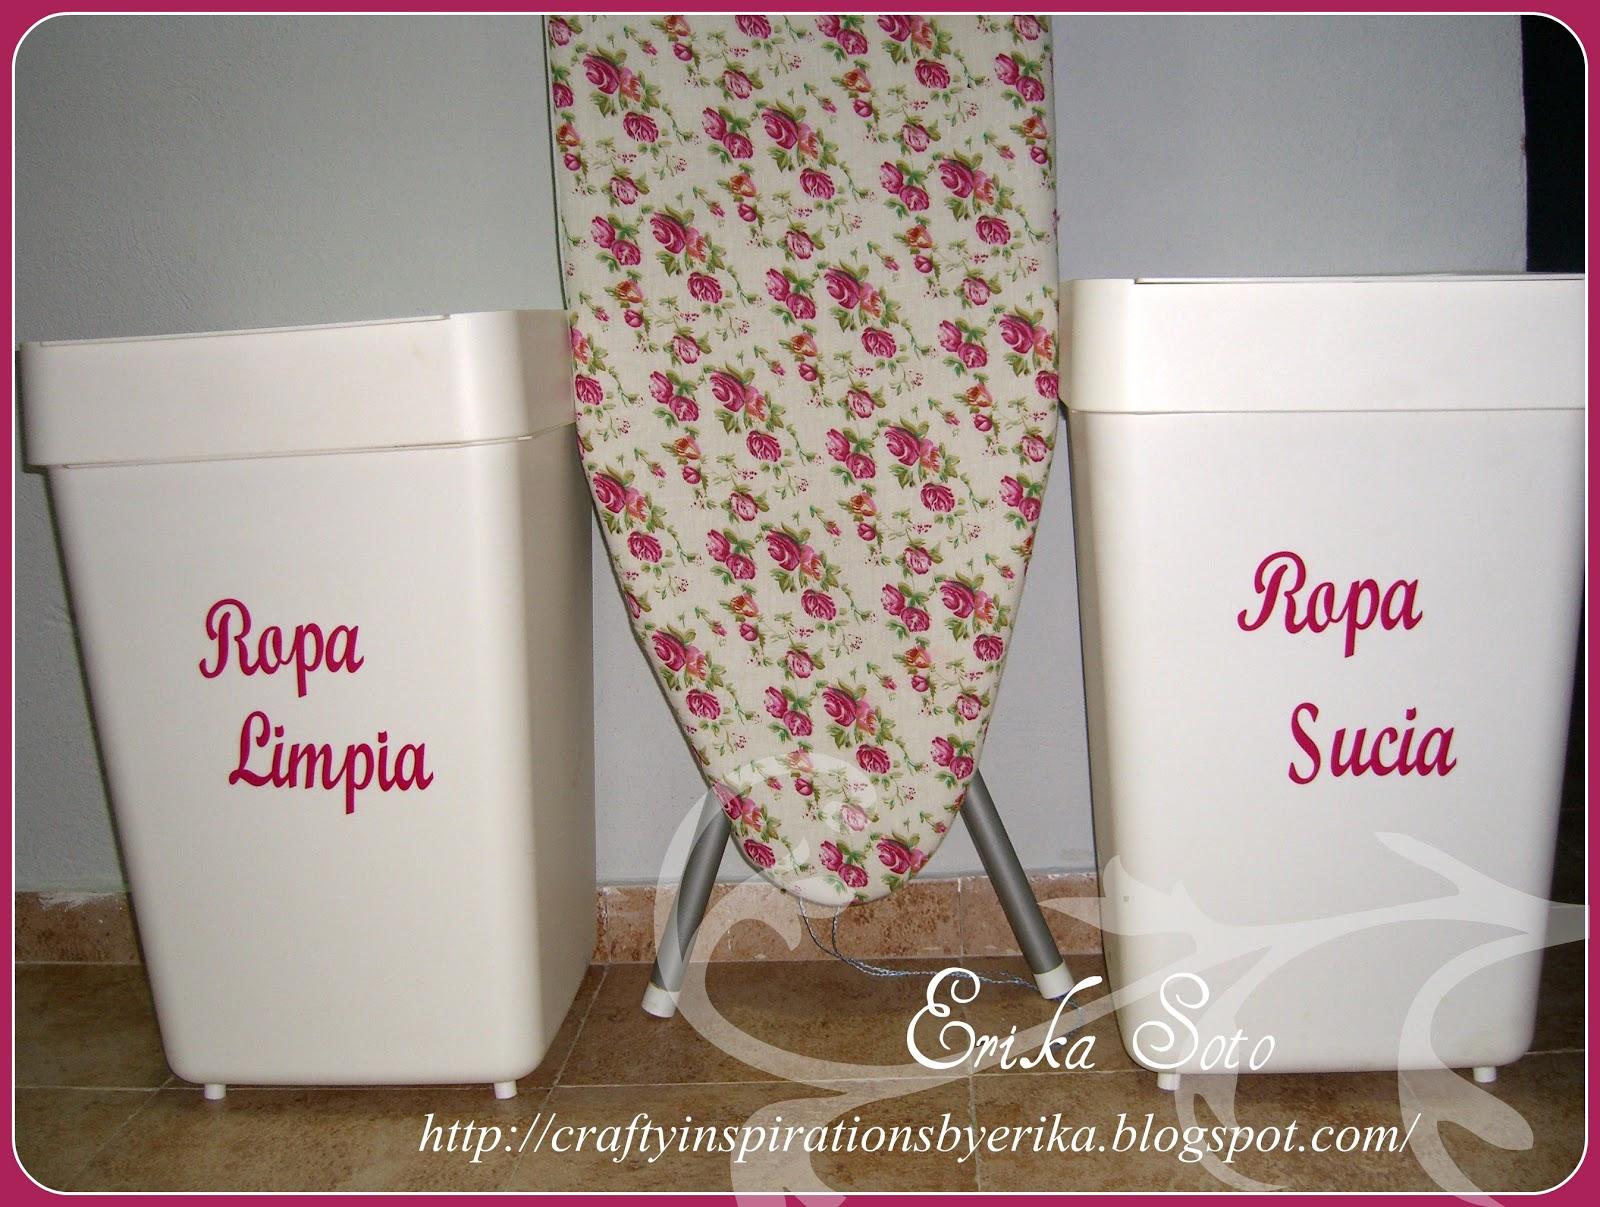 Cubos de la ropa sucia y ropa limpia artes laura - Cubos para la ropa sucia ...